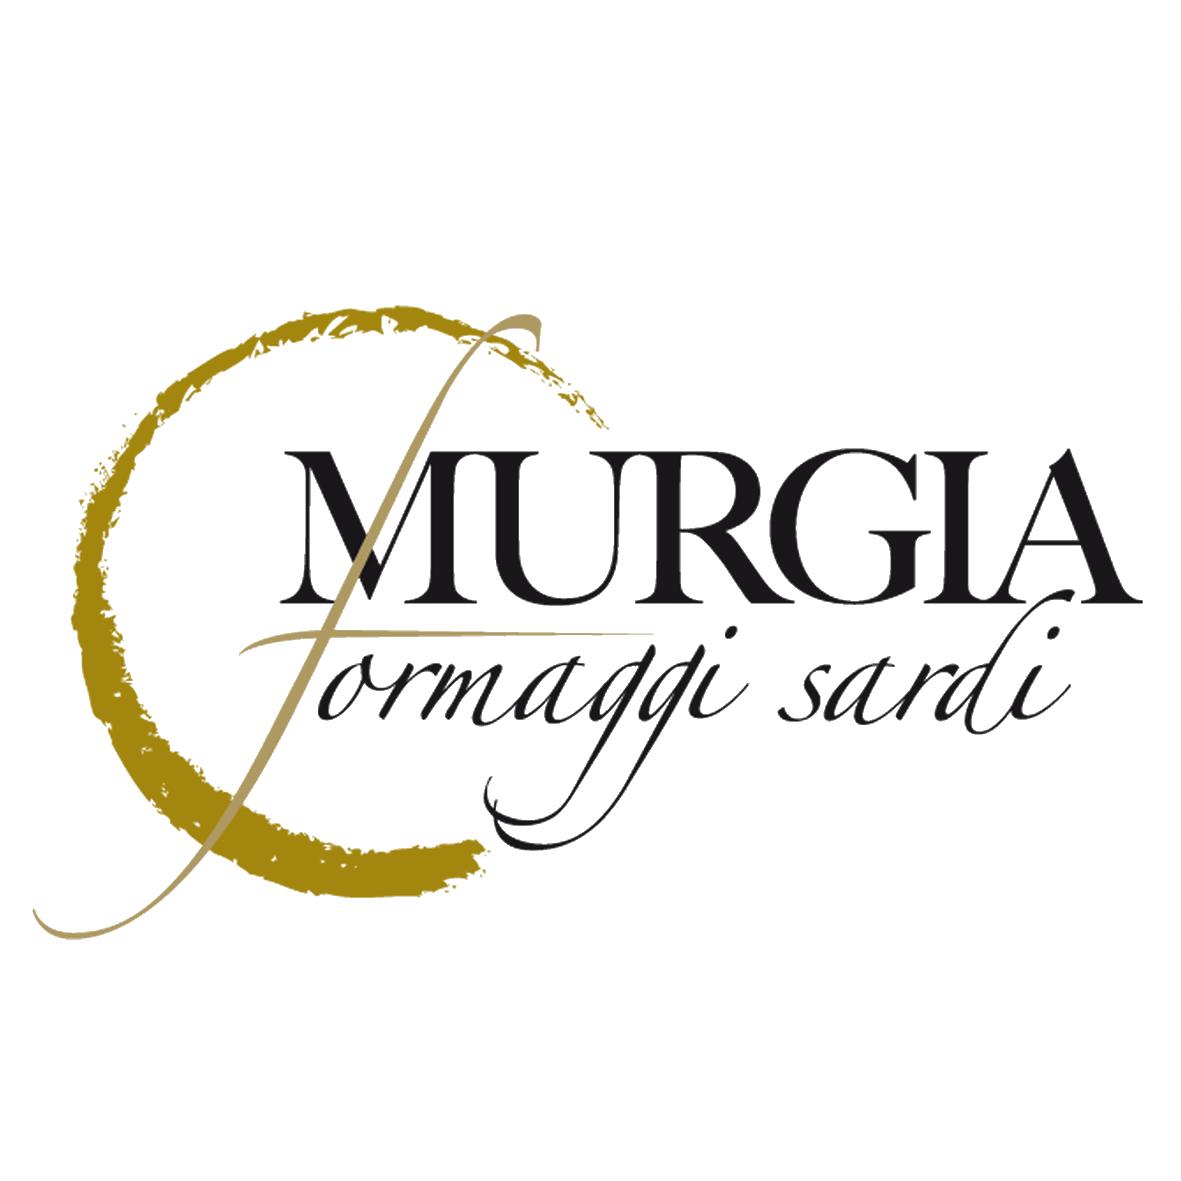 MURGIA FORMAGGI